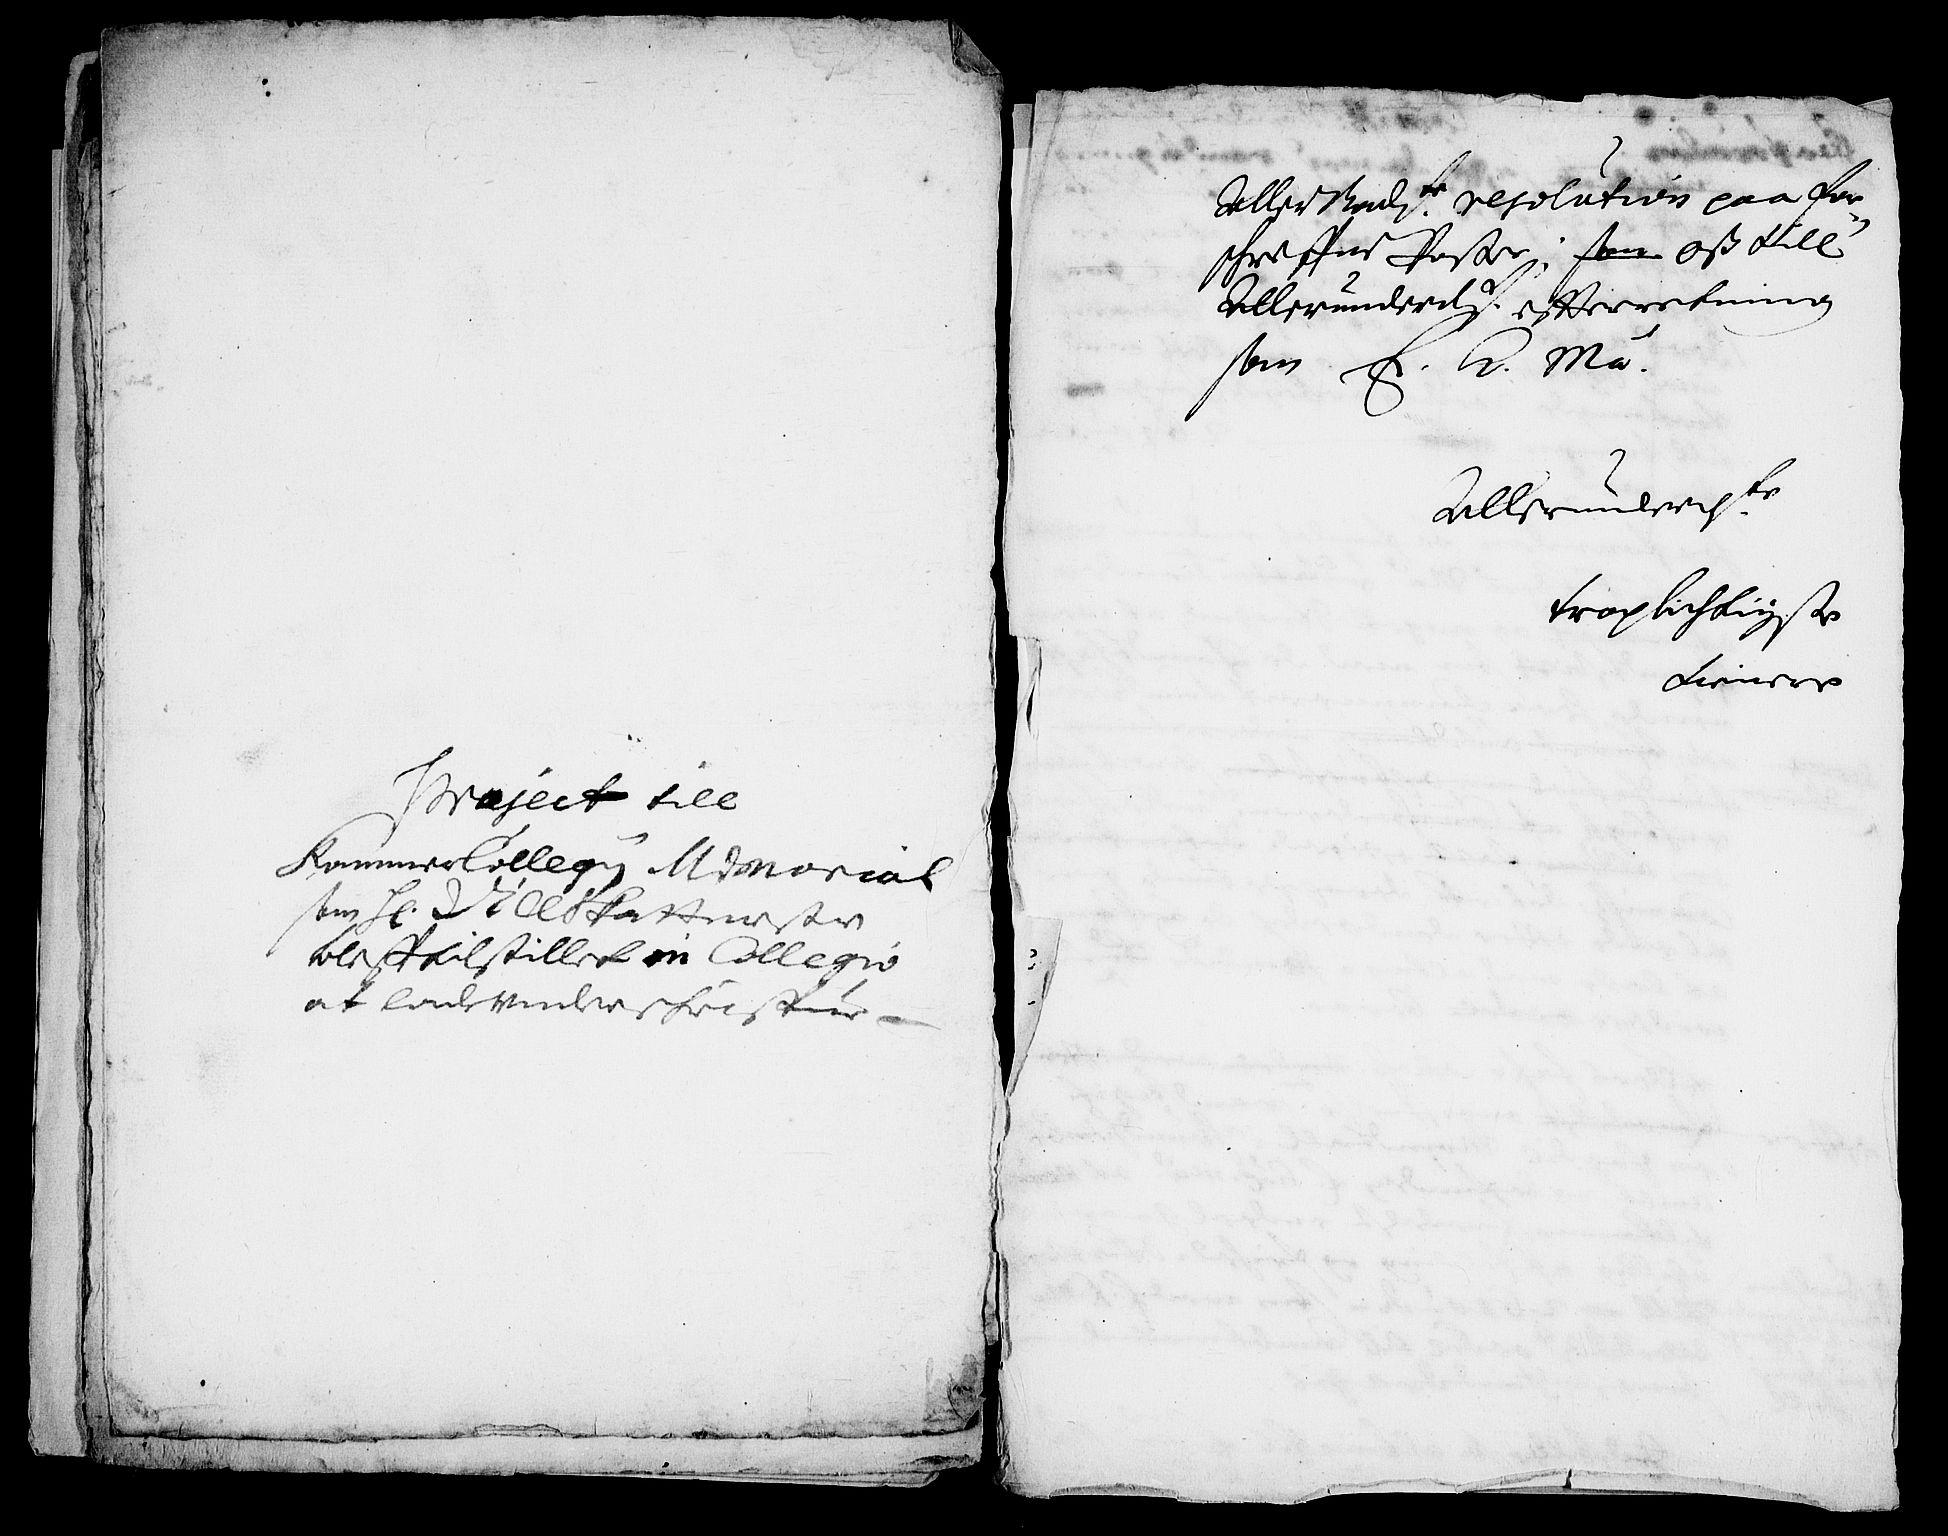 RA, Danske Kanselli, Skapsaker, G/L0019: Tillegg til skapsakene, 1616-1753, s. 185